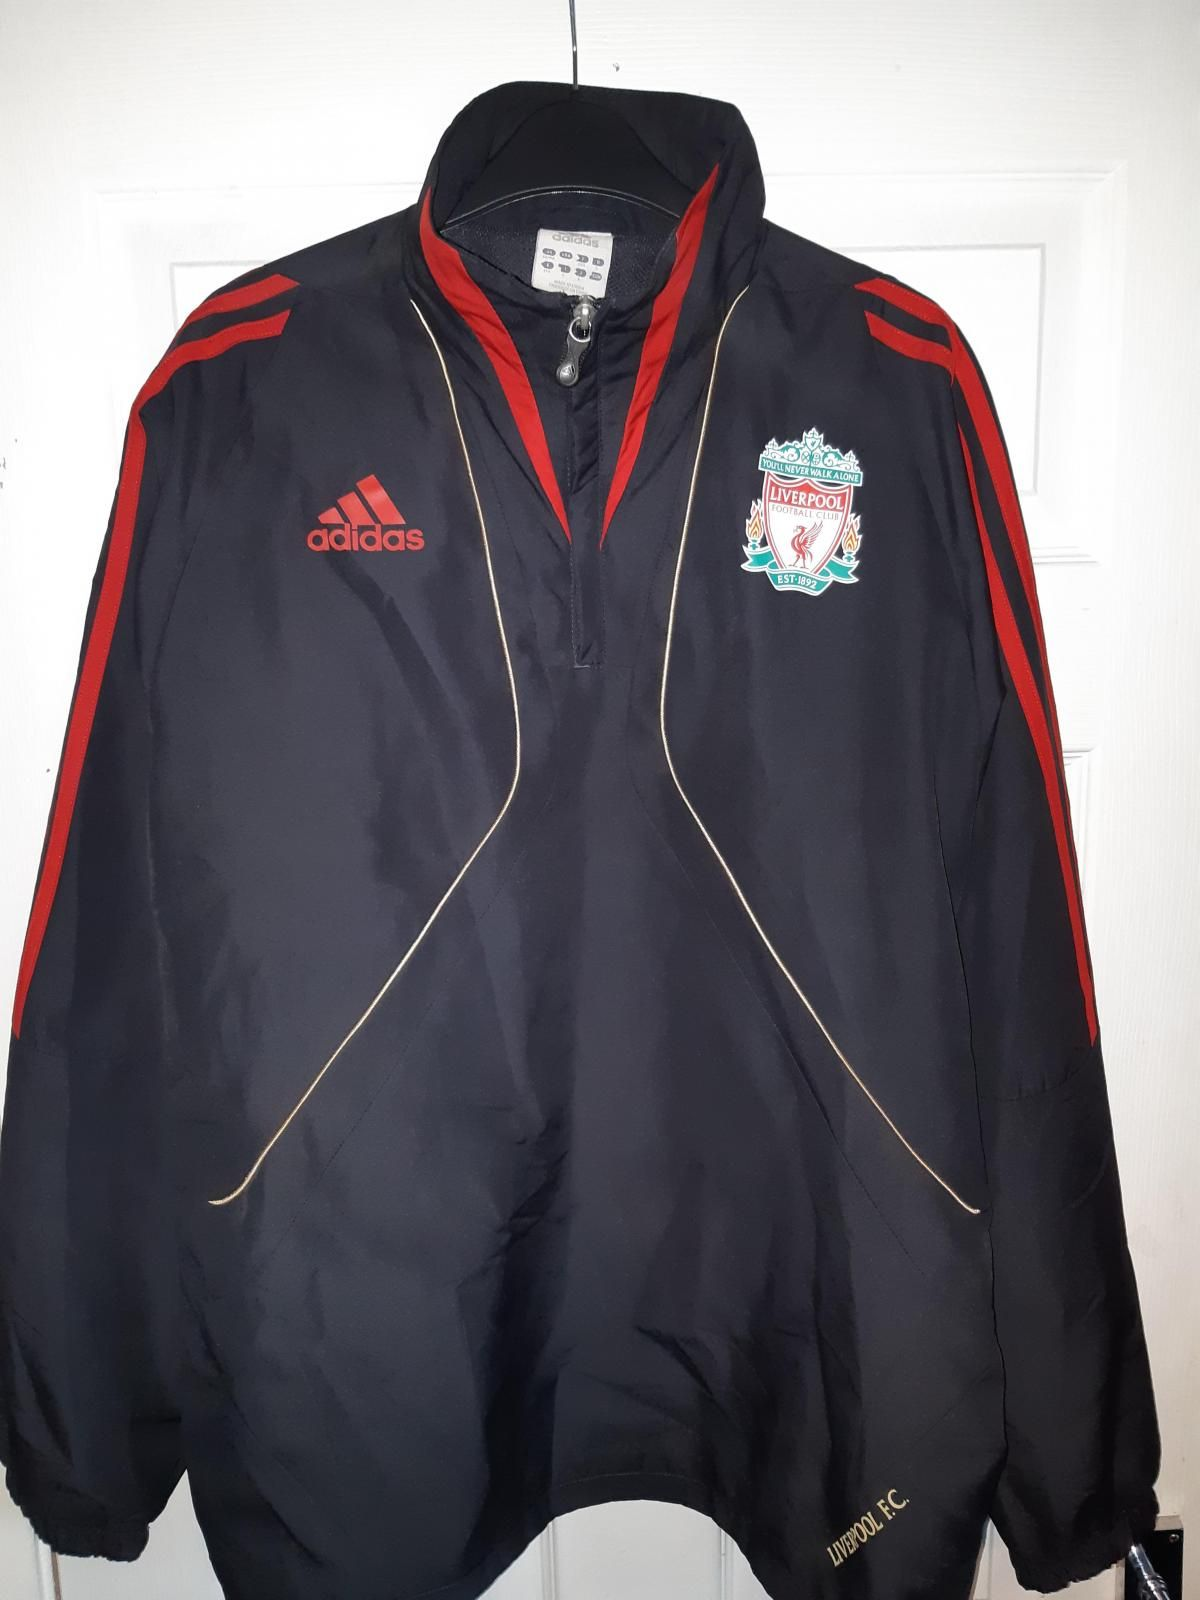 Liverpool jacket size large/Extra Large Liverpool jacket